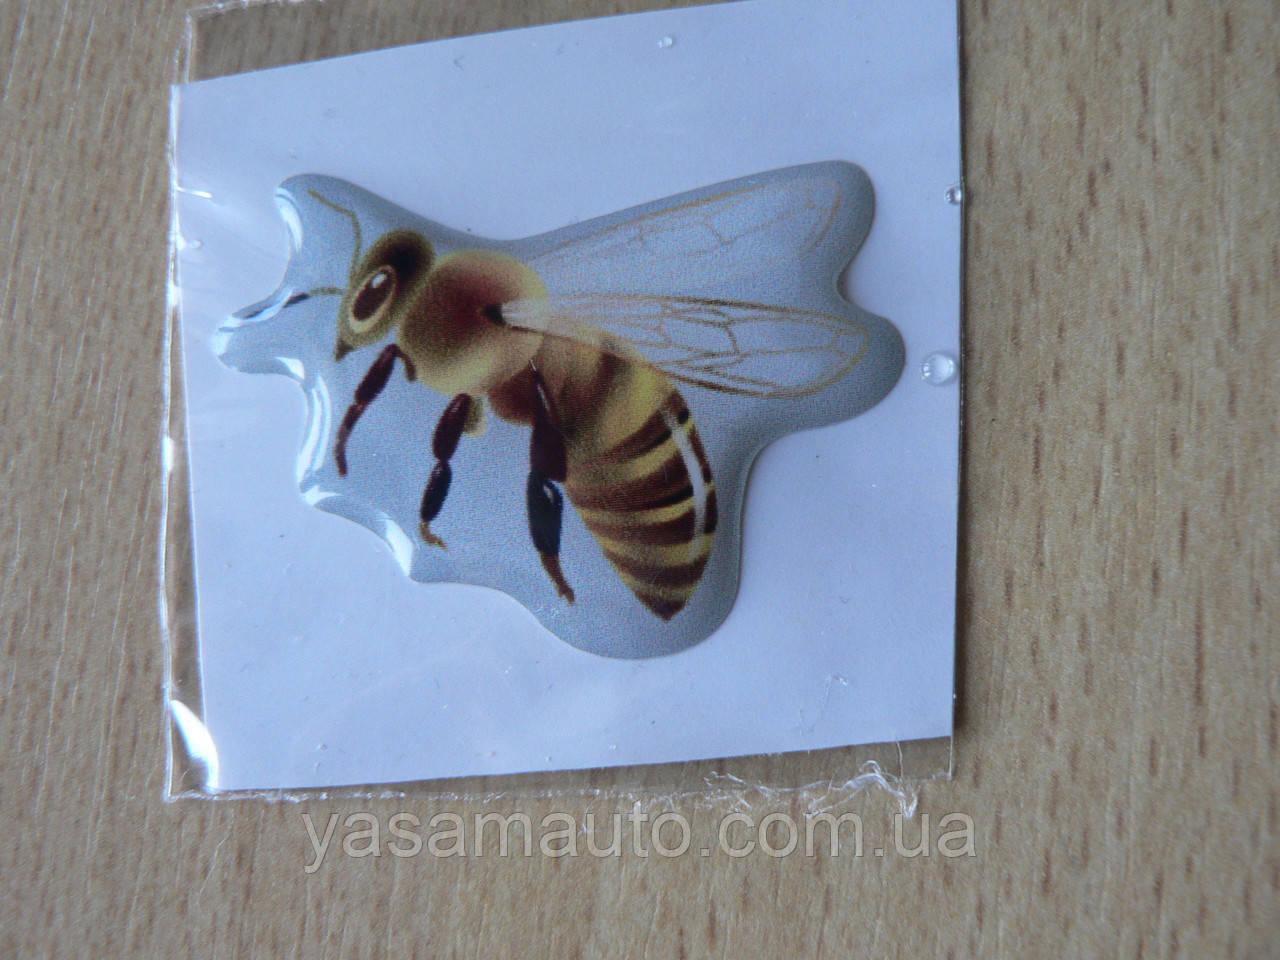 Наклейка s силиконовая Пчела 40х28х1.2мм светлая серый фон